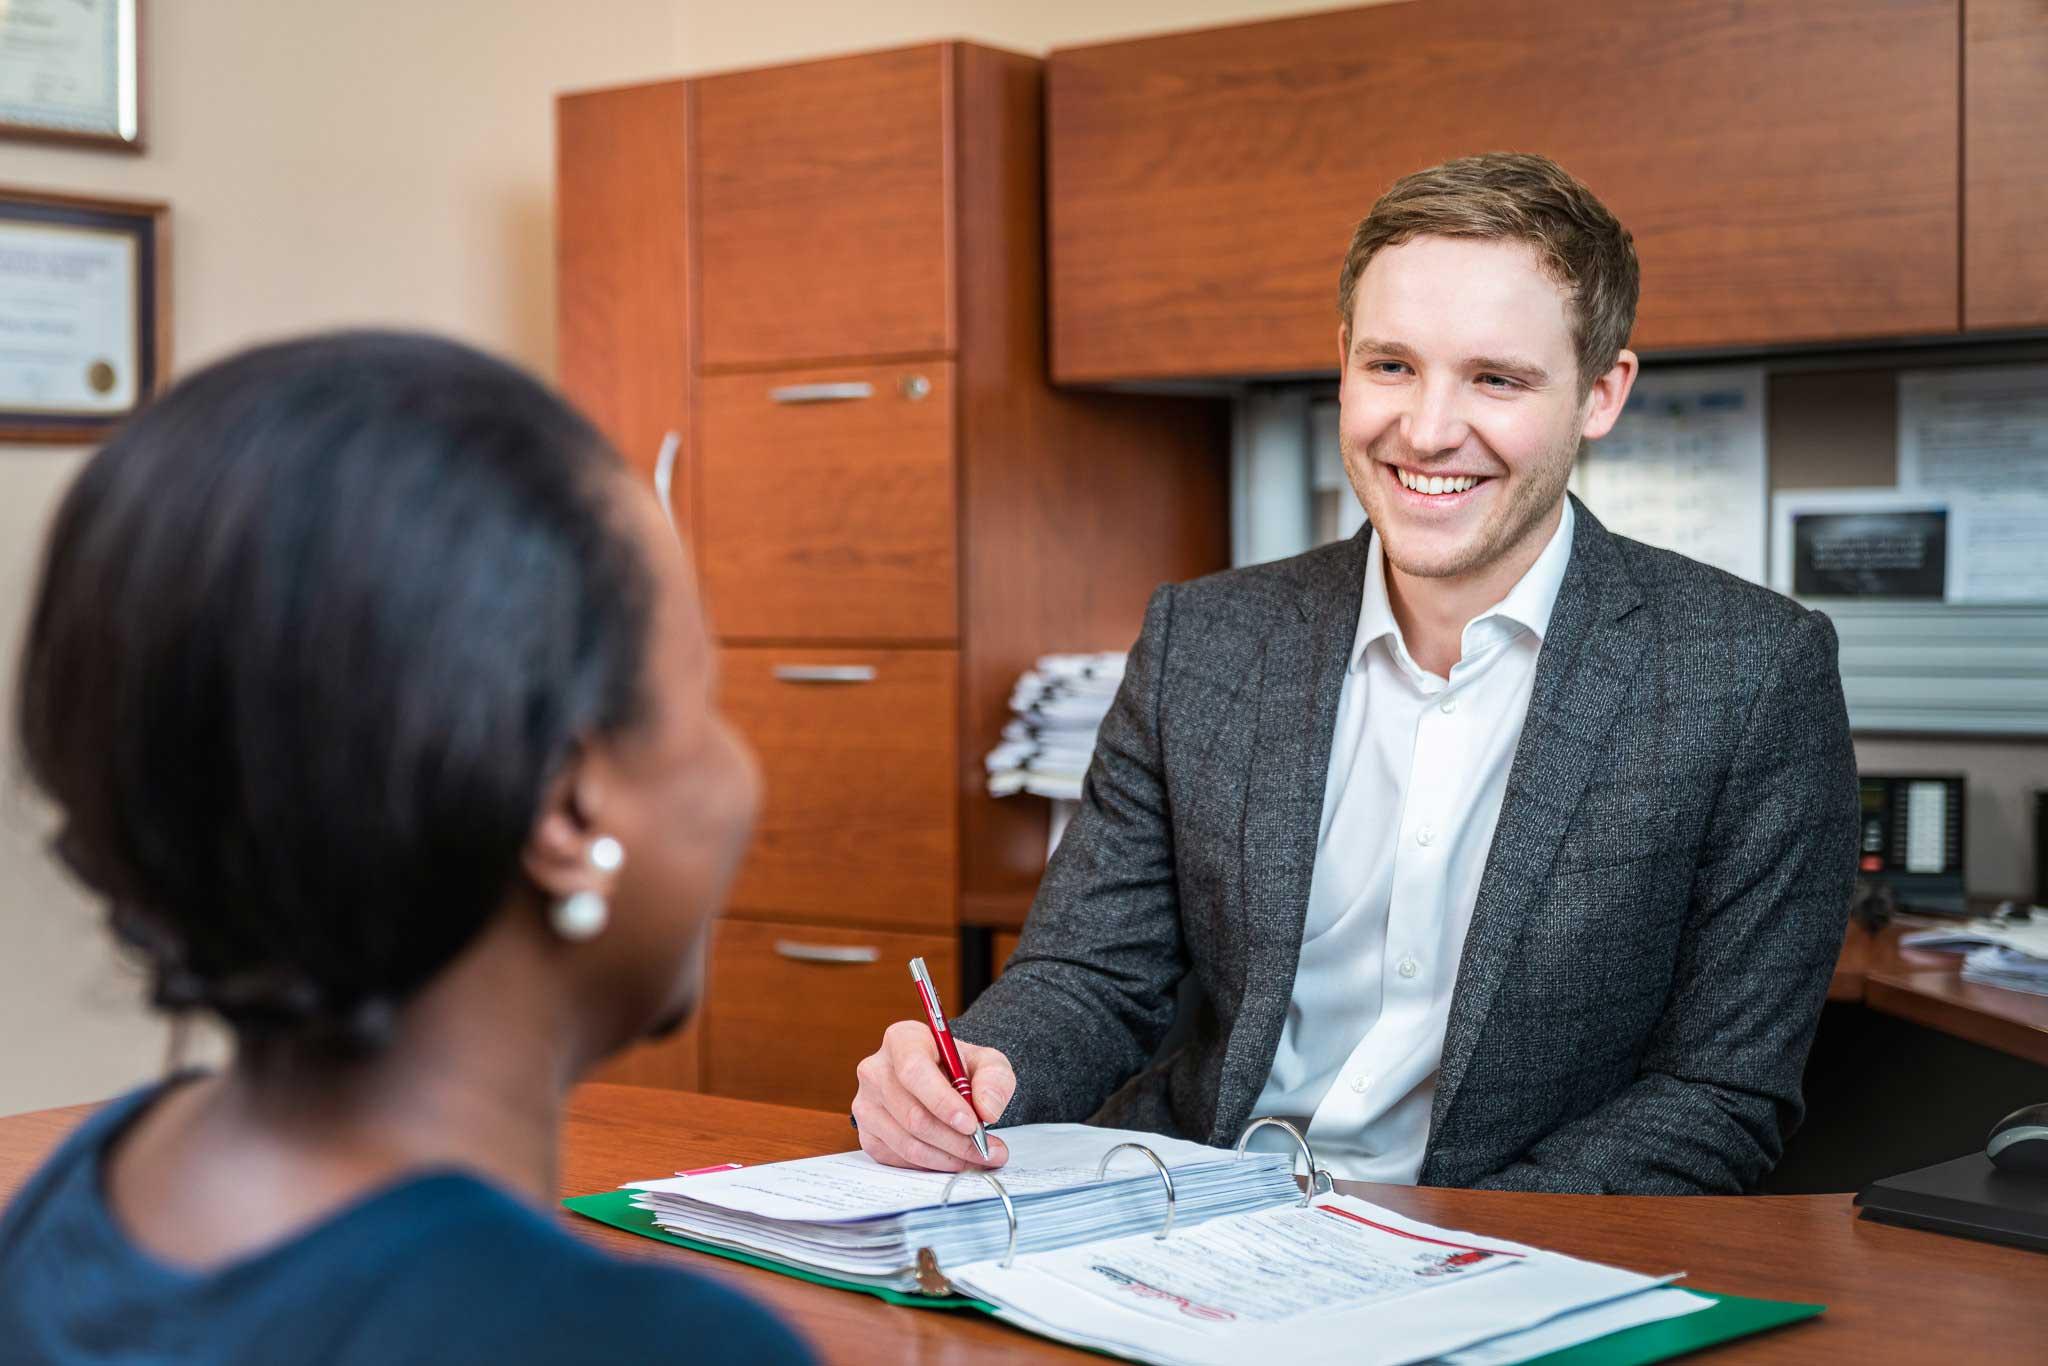 Dan Van Helden helps a client get insurance at Van Helden Agencies